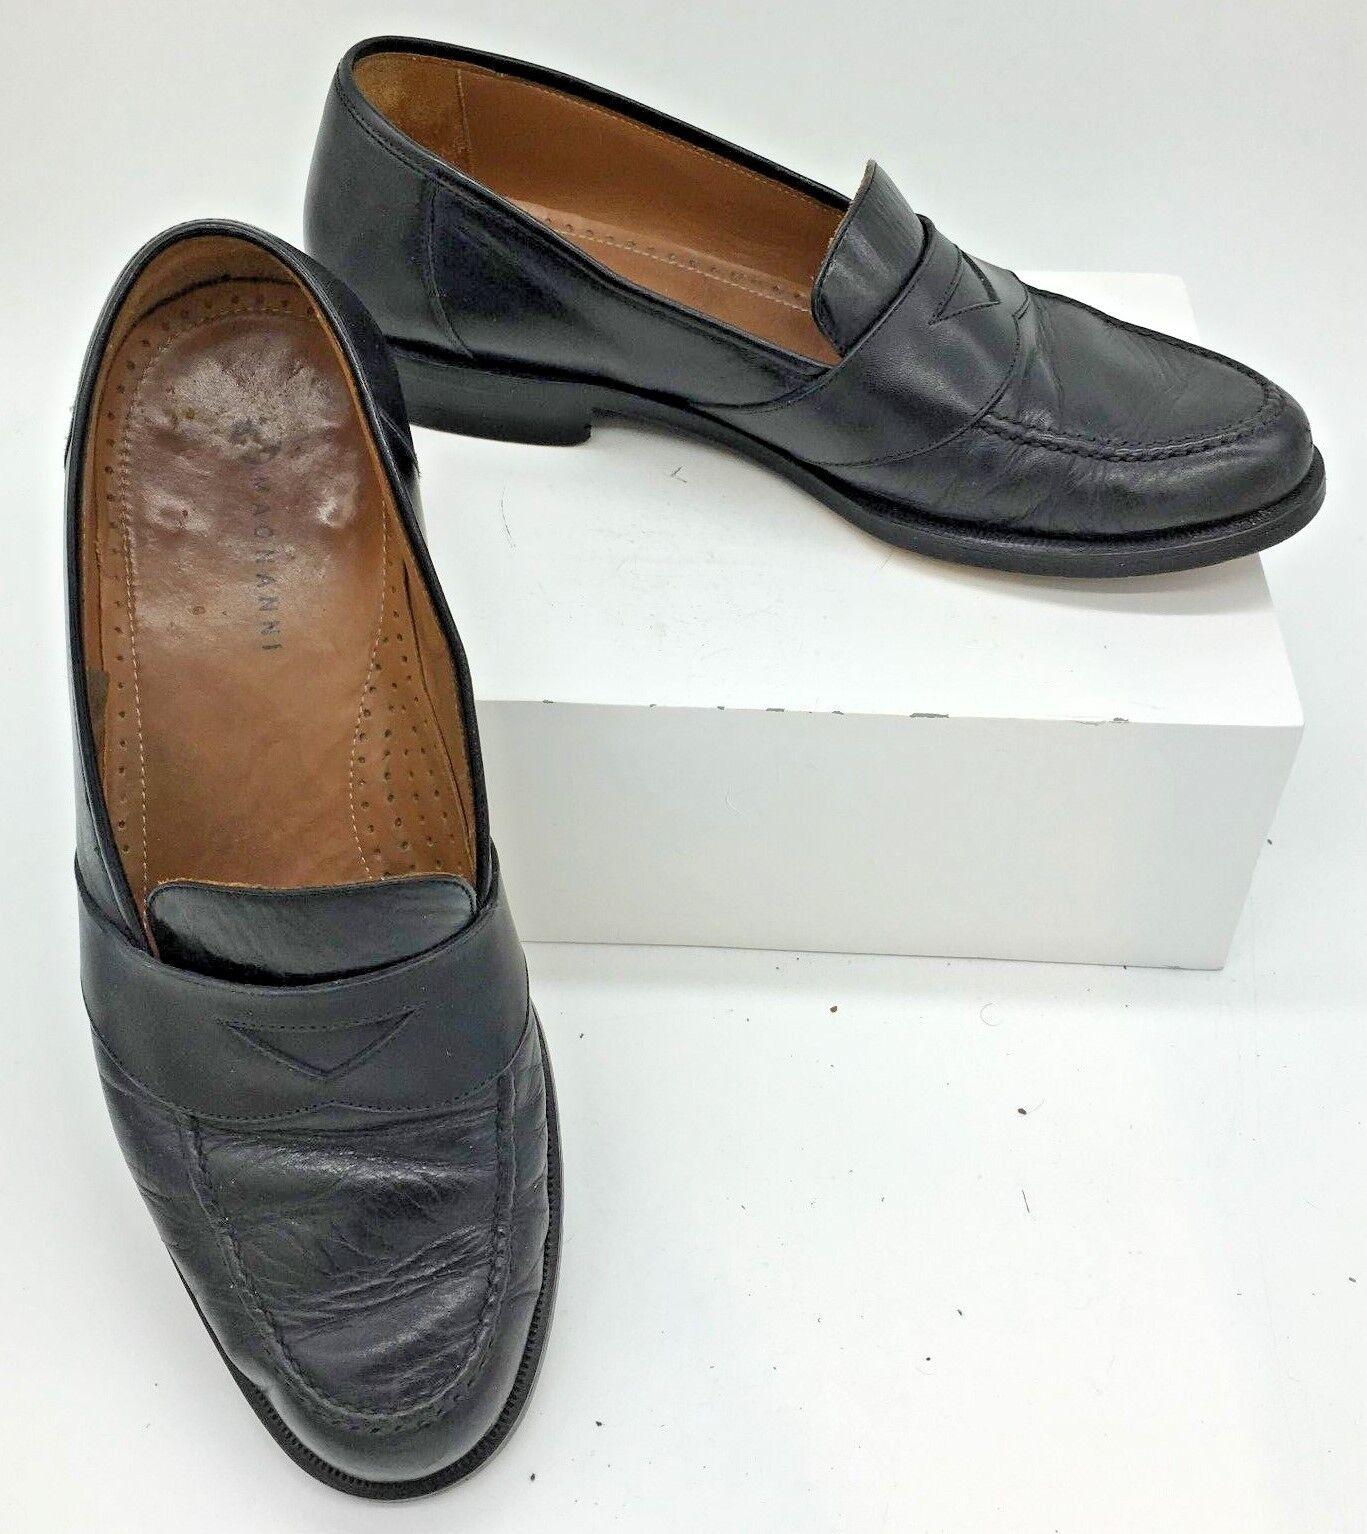 Magnanni 9340 Soft Black Leather Moc Toe Dress Penny Loafer Men's US 9.5M